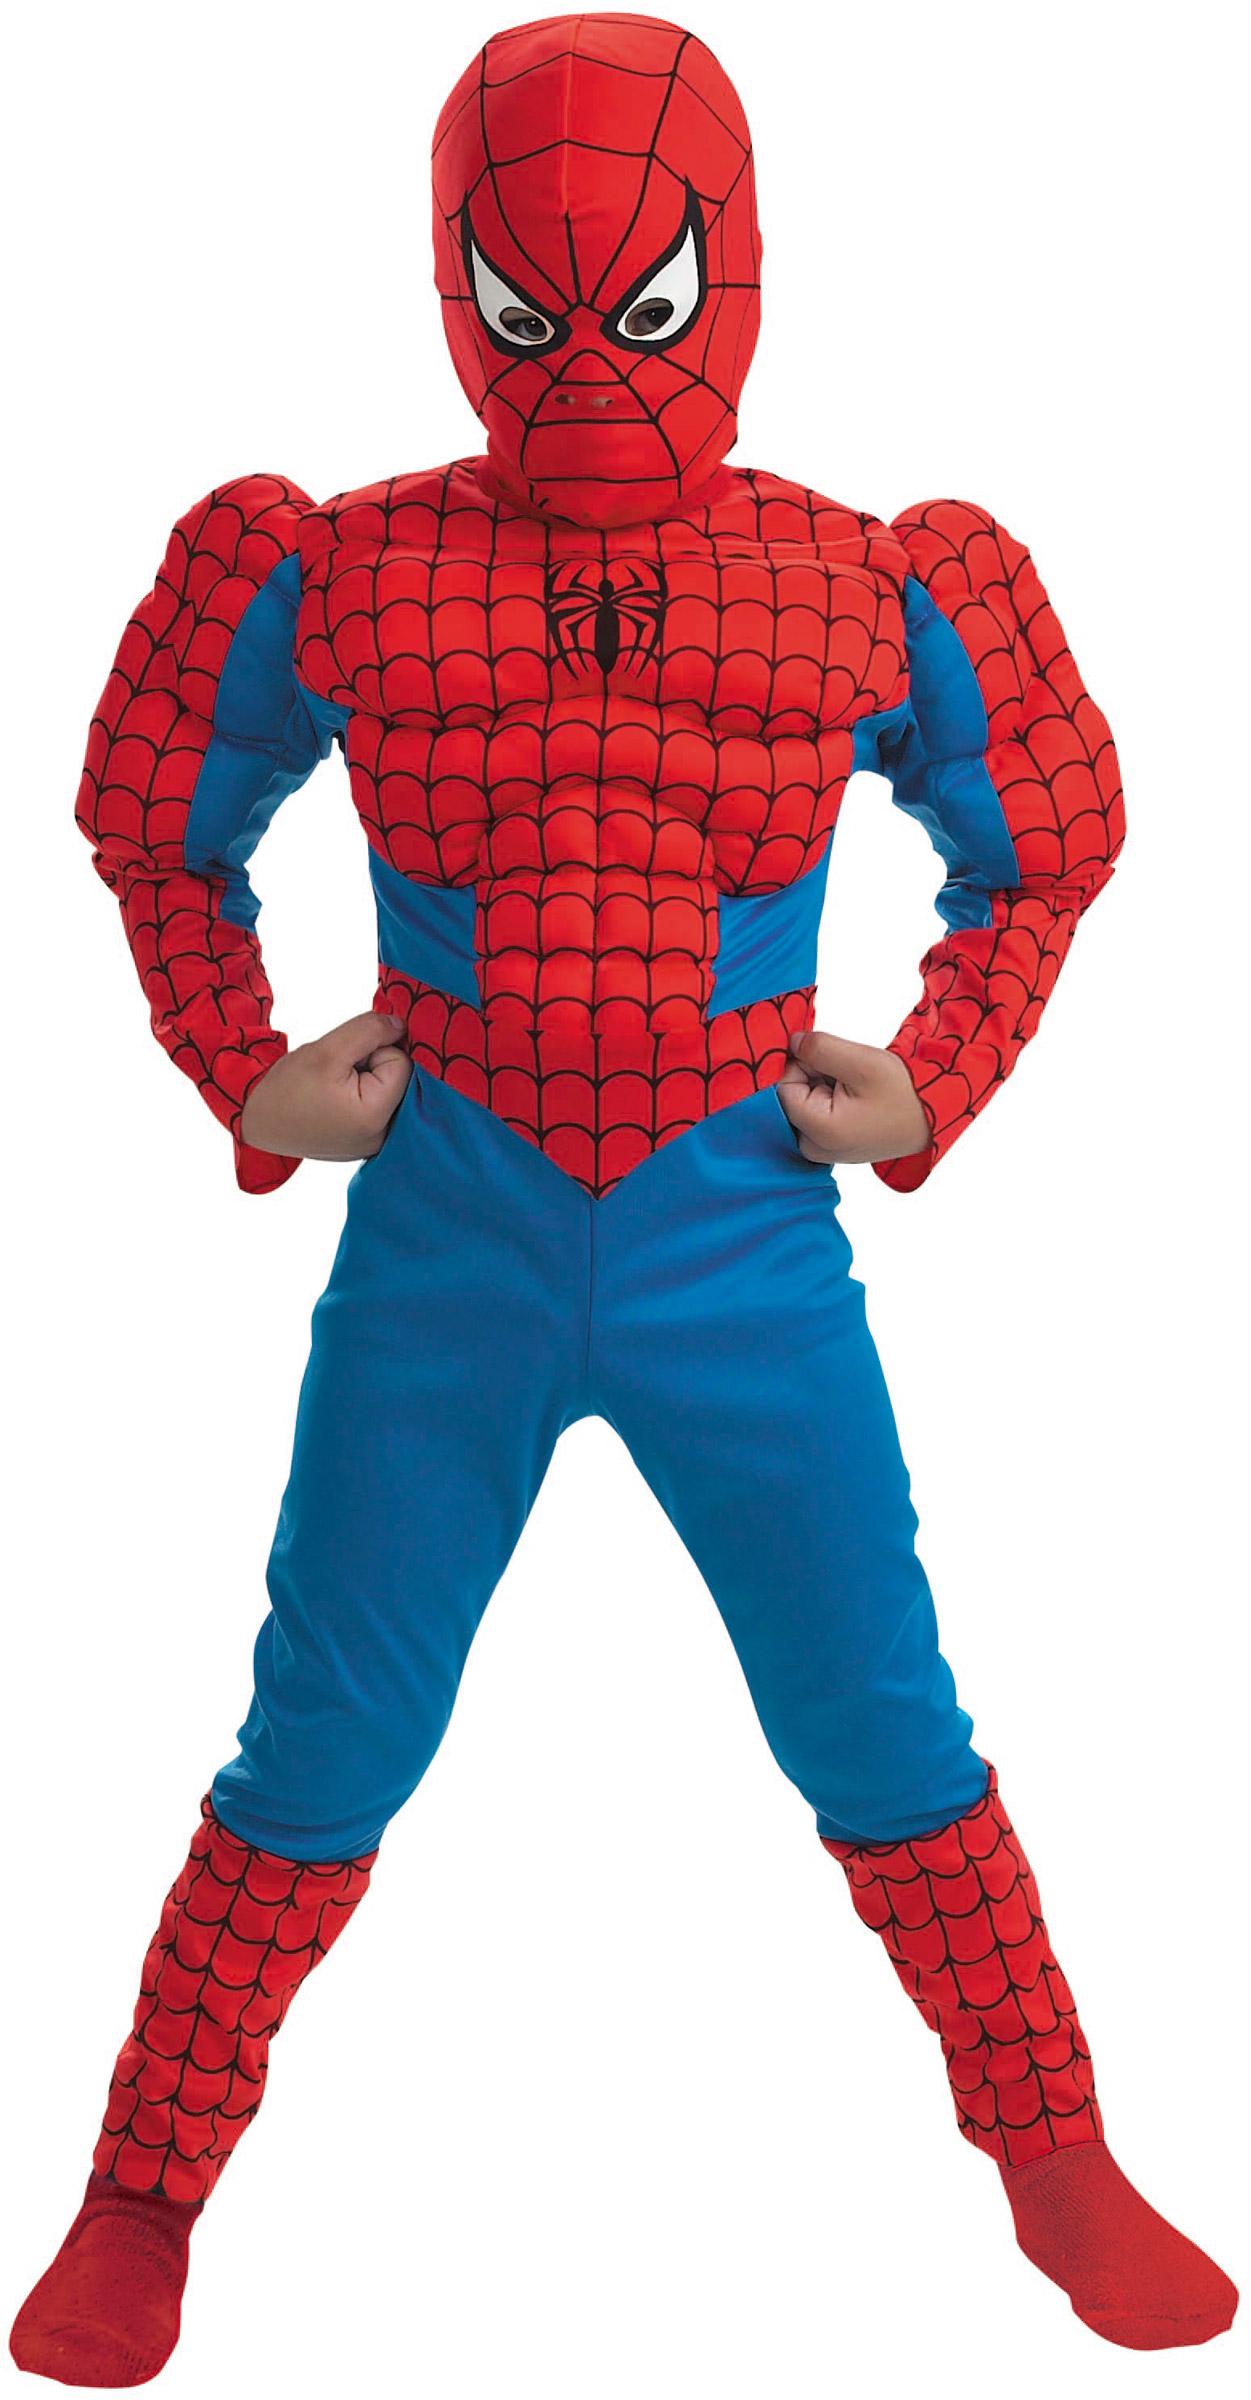 Как сшить новогодний костюм человека паука для мальчика своими руками